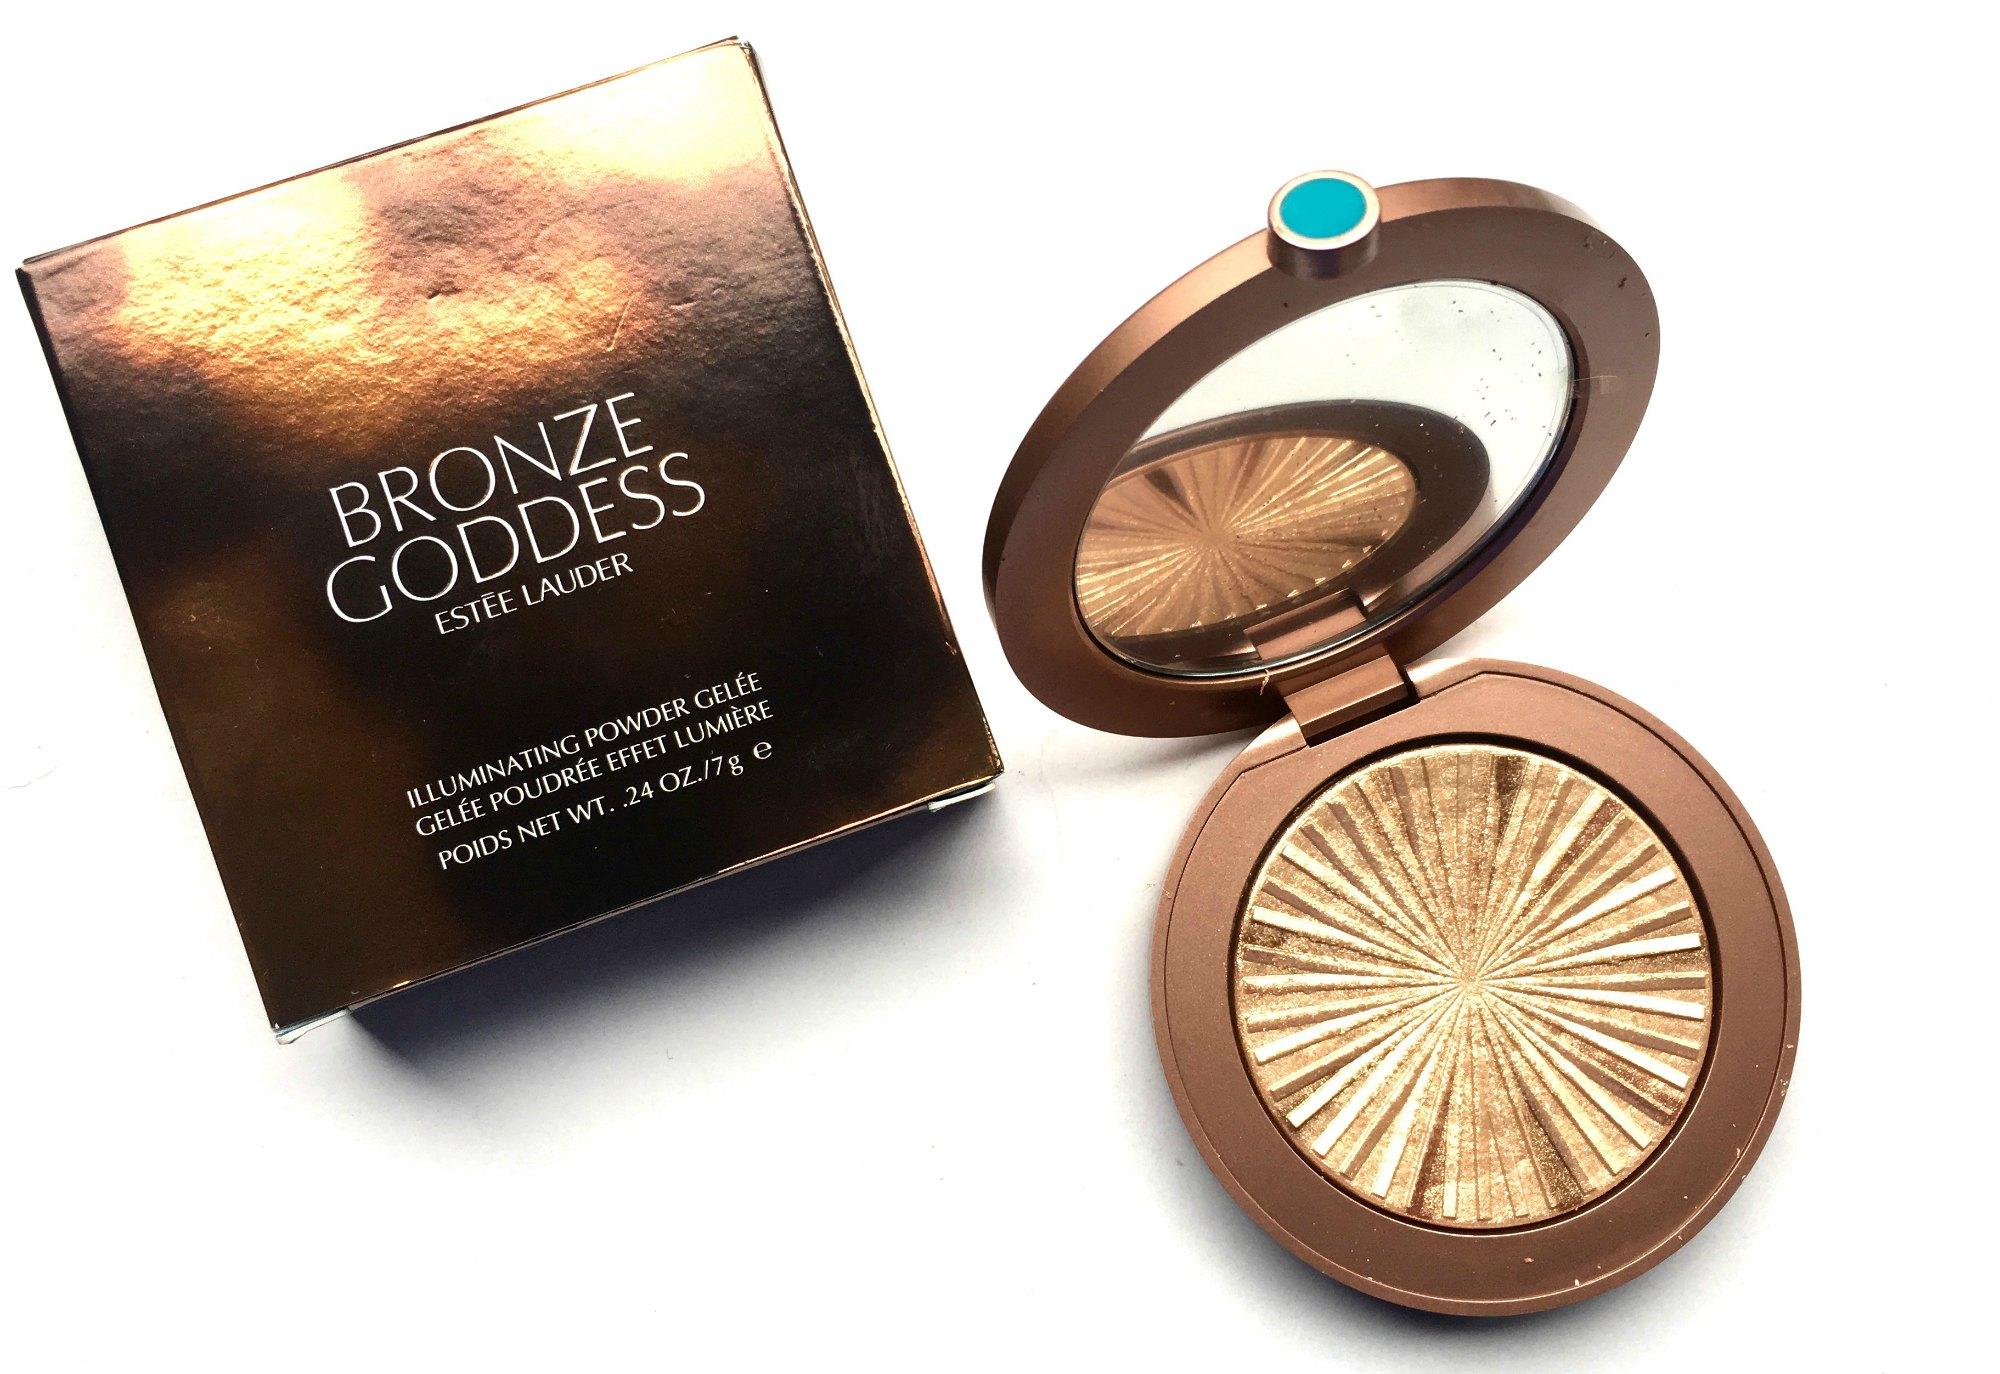 Este Lauder Bronze Goddess Illuminating Powder Gele Heat Wave Bobbi Brown Cheek Palette Limited Edition Review Swatches